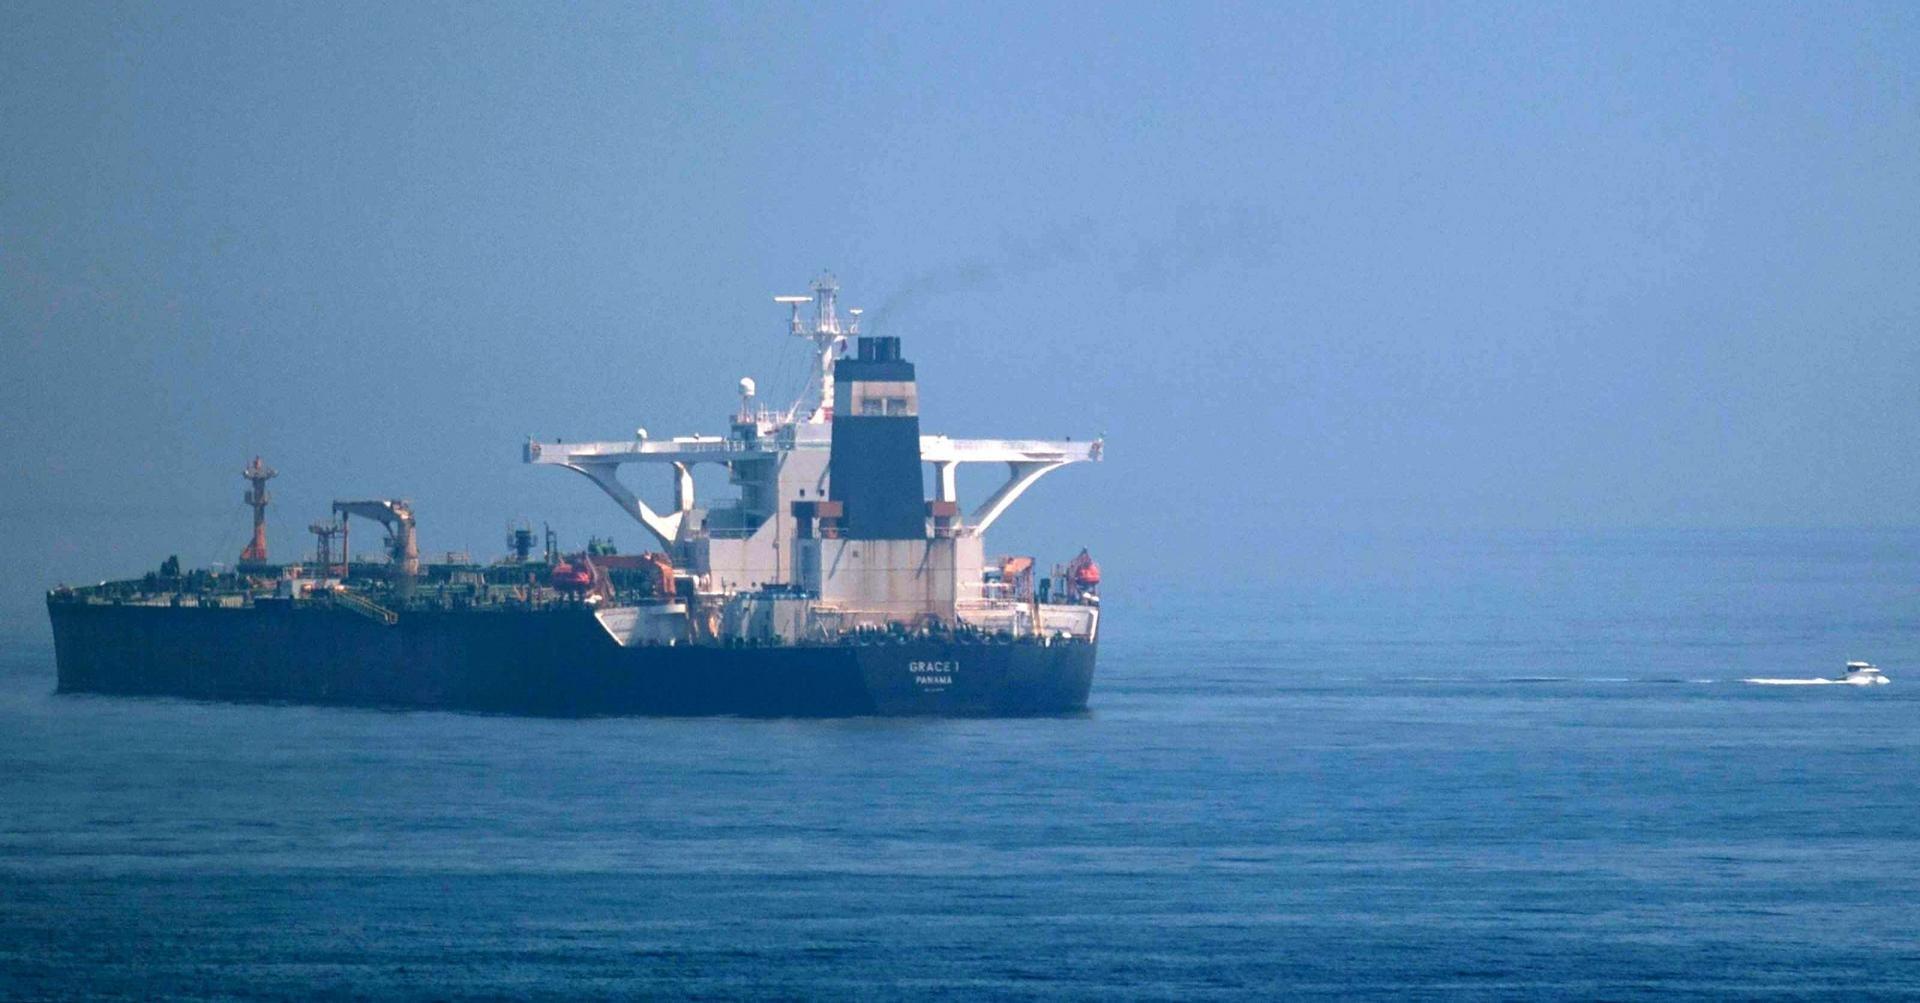 تحقيق يكشف سرّ سفينة الشحن «الغامضة» التي تنتقل بين إيران وسوريا